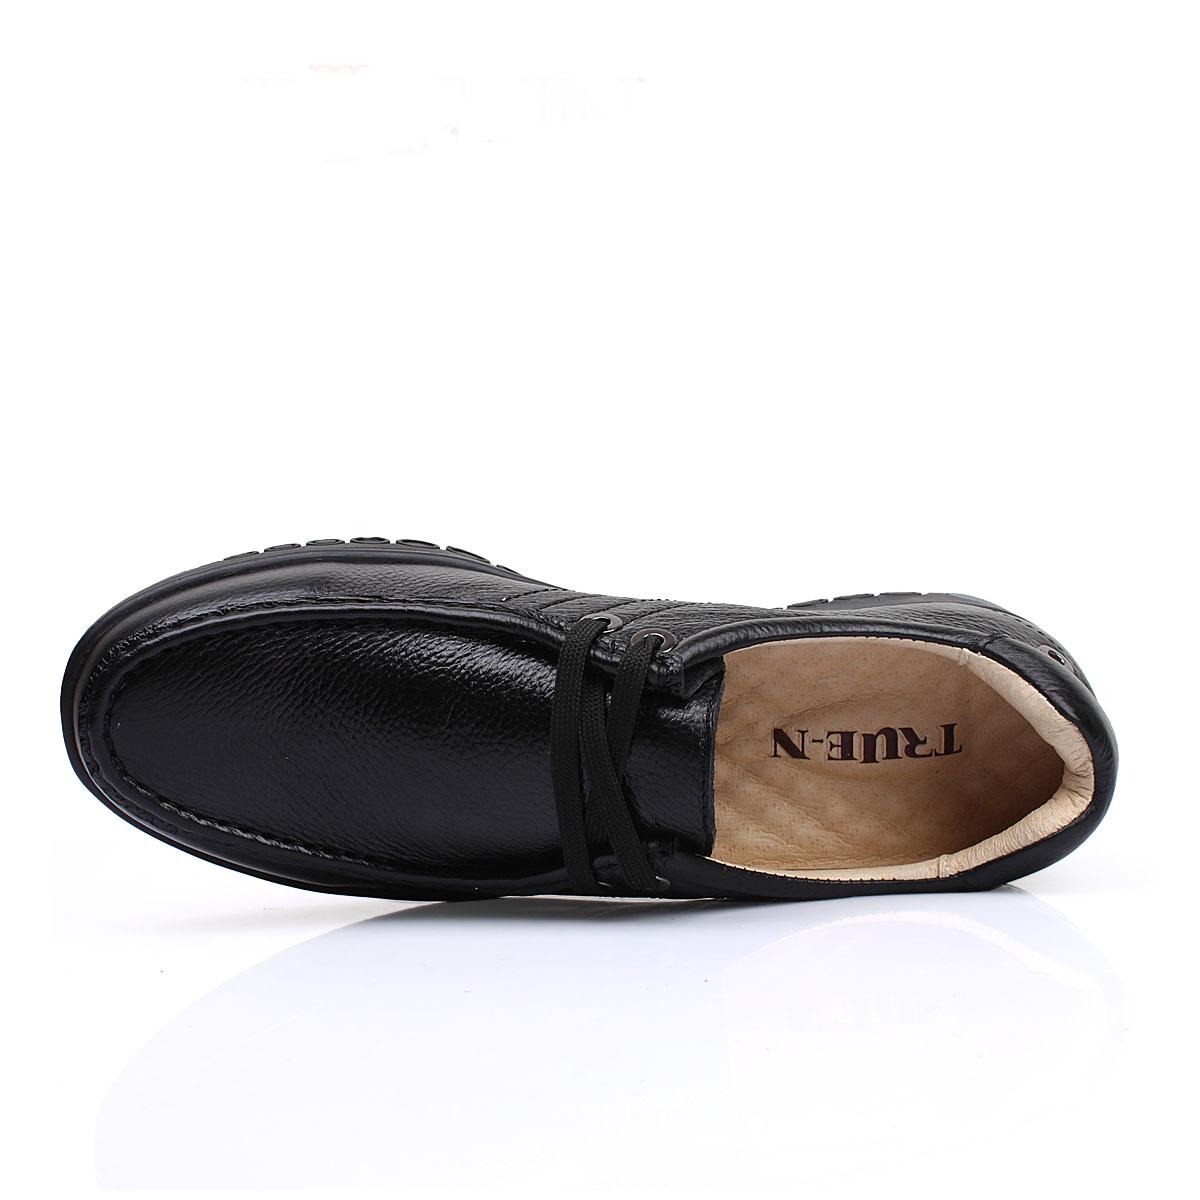 Демисезонные ботинки TRUE/N c33008/1 TRUE